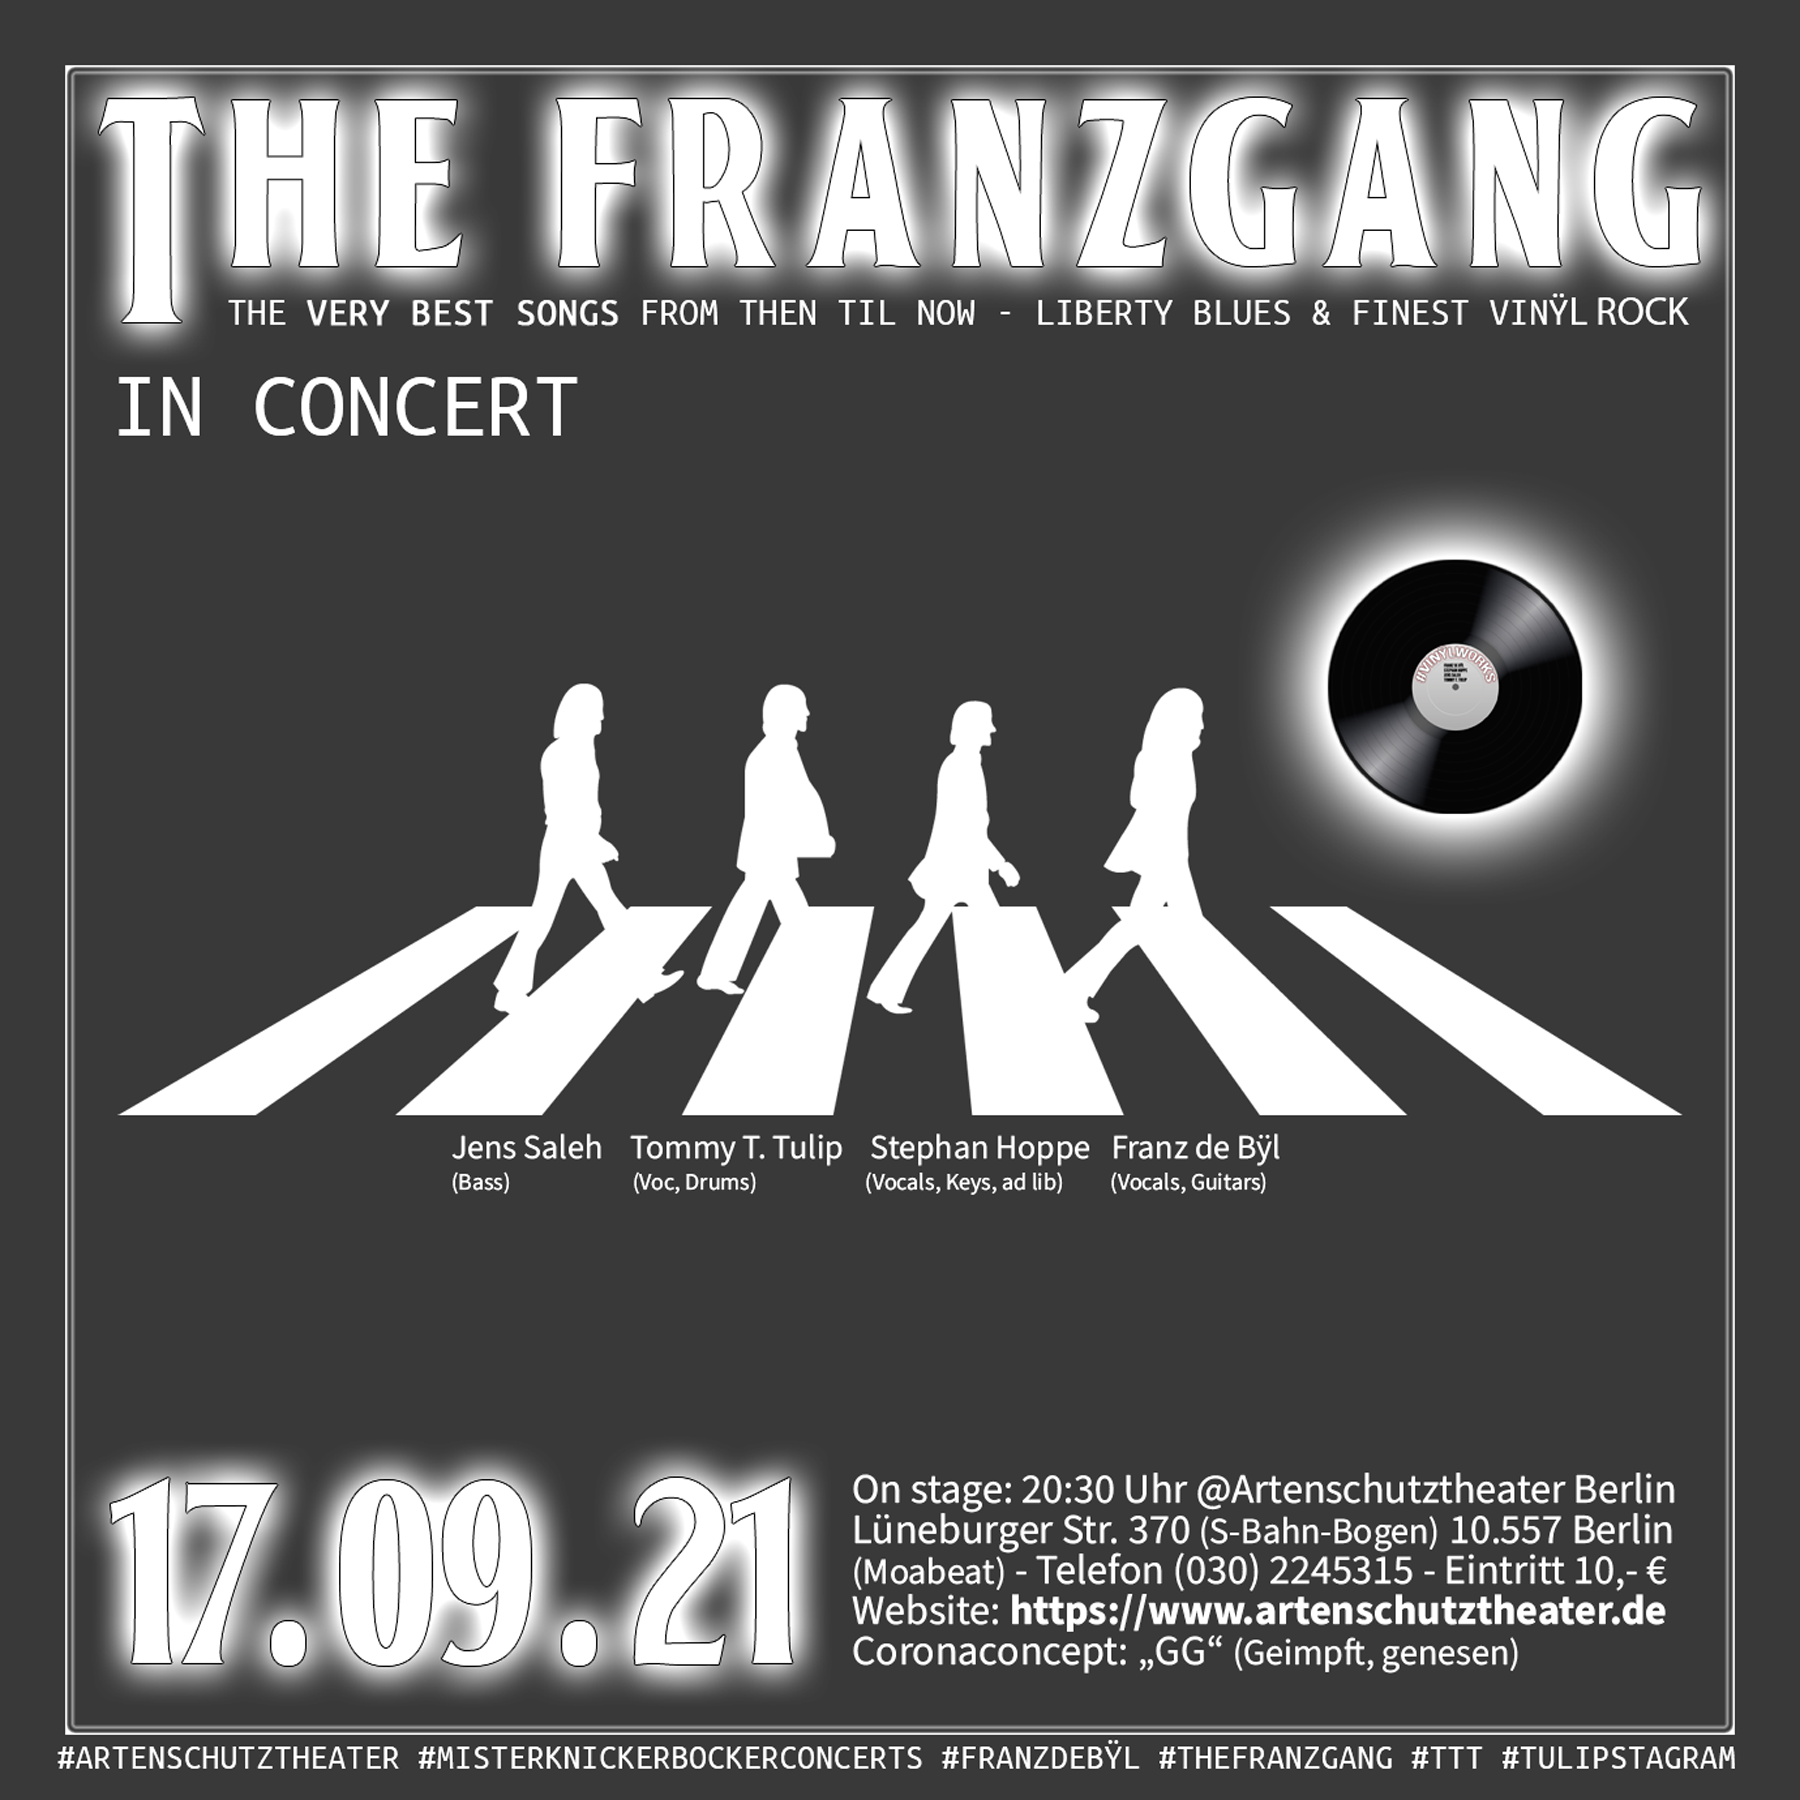 10.09.21 - The Franzgang - The Very Best Songs From Then Til Now - Liberty Blues & Finest Vinÿl Rock #Artenschutztheater #Misterknickerbockerconcerts #franzdeBÿl #TheFranzgang #TTT #Tulipstagram